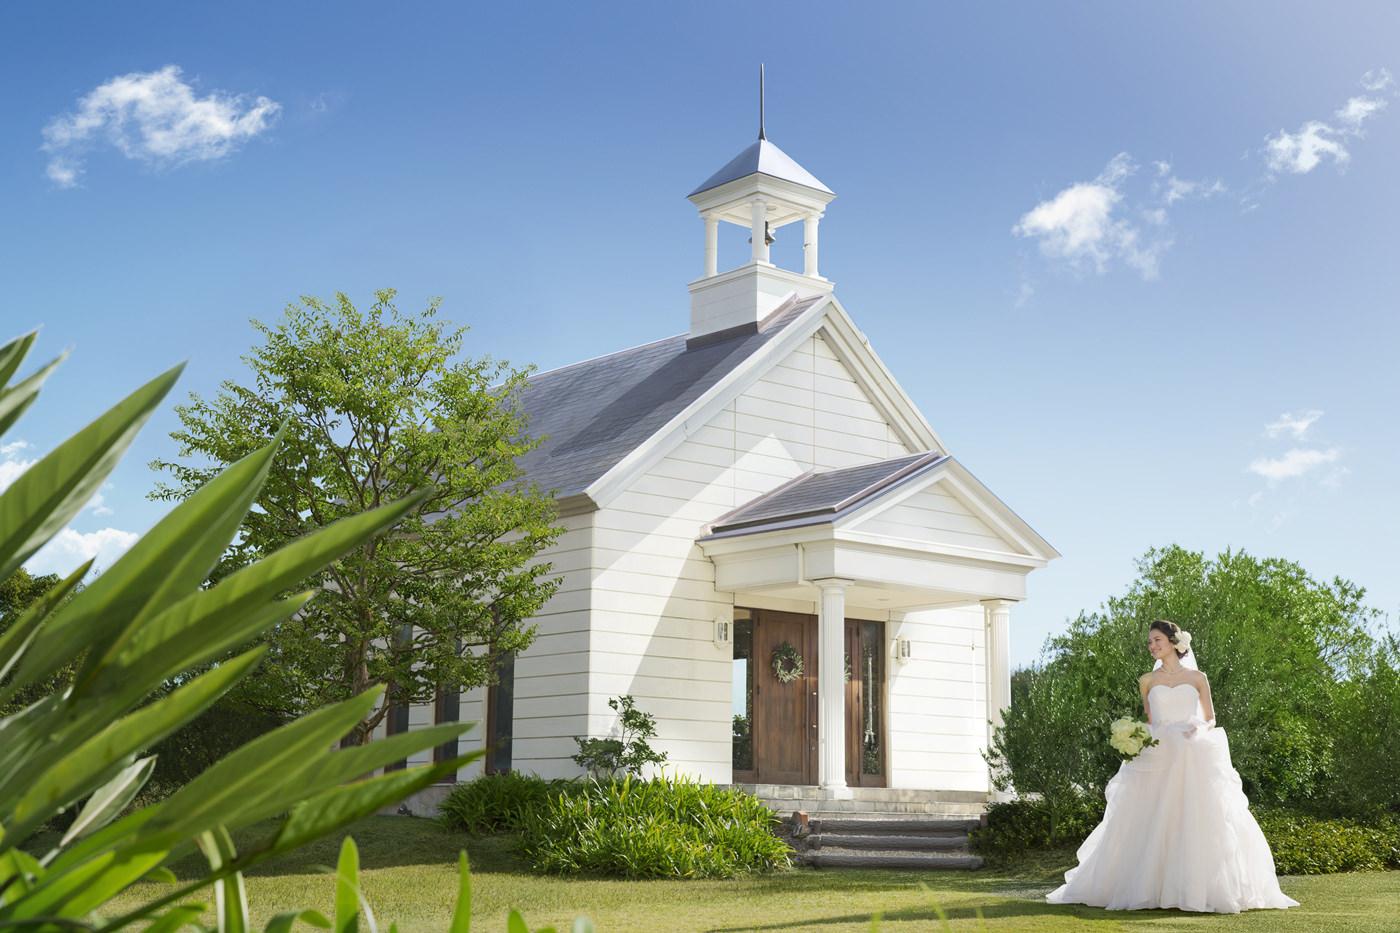 和歌山 萬豪 花園教堂